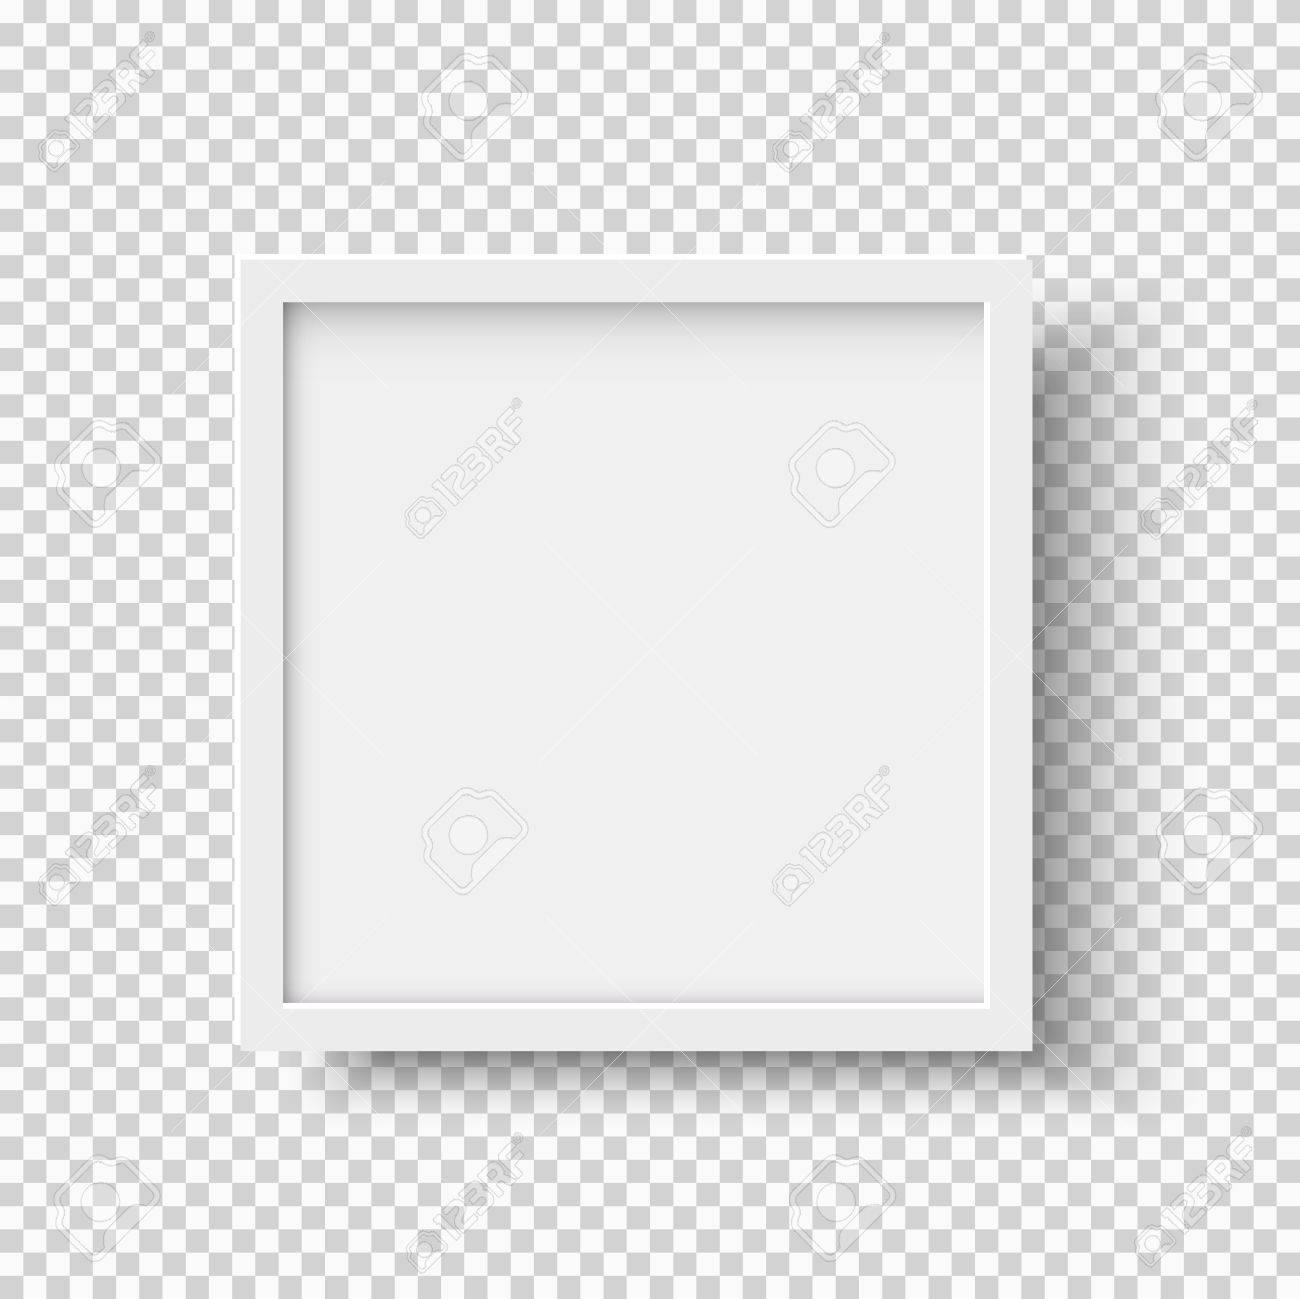 Weißer Realistischer Quadratischer Leerer Bilderrahmen Auf ...